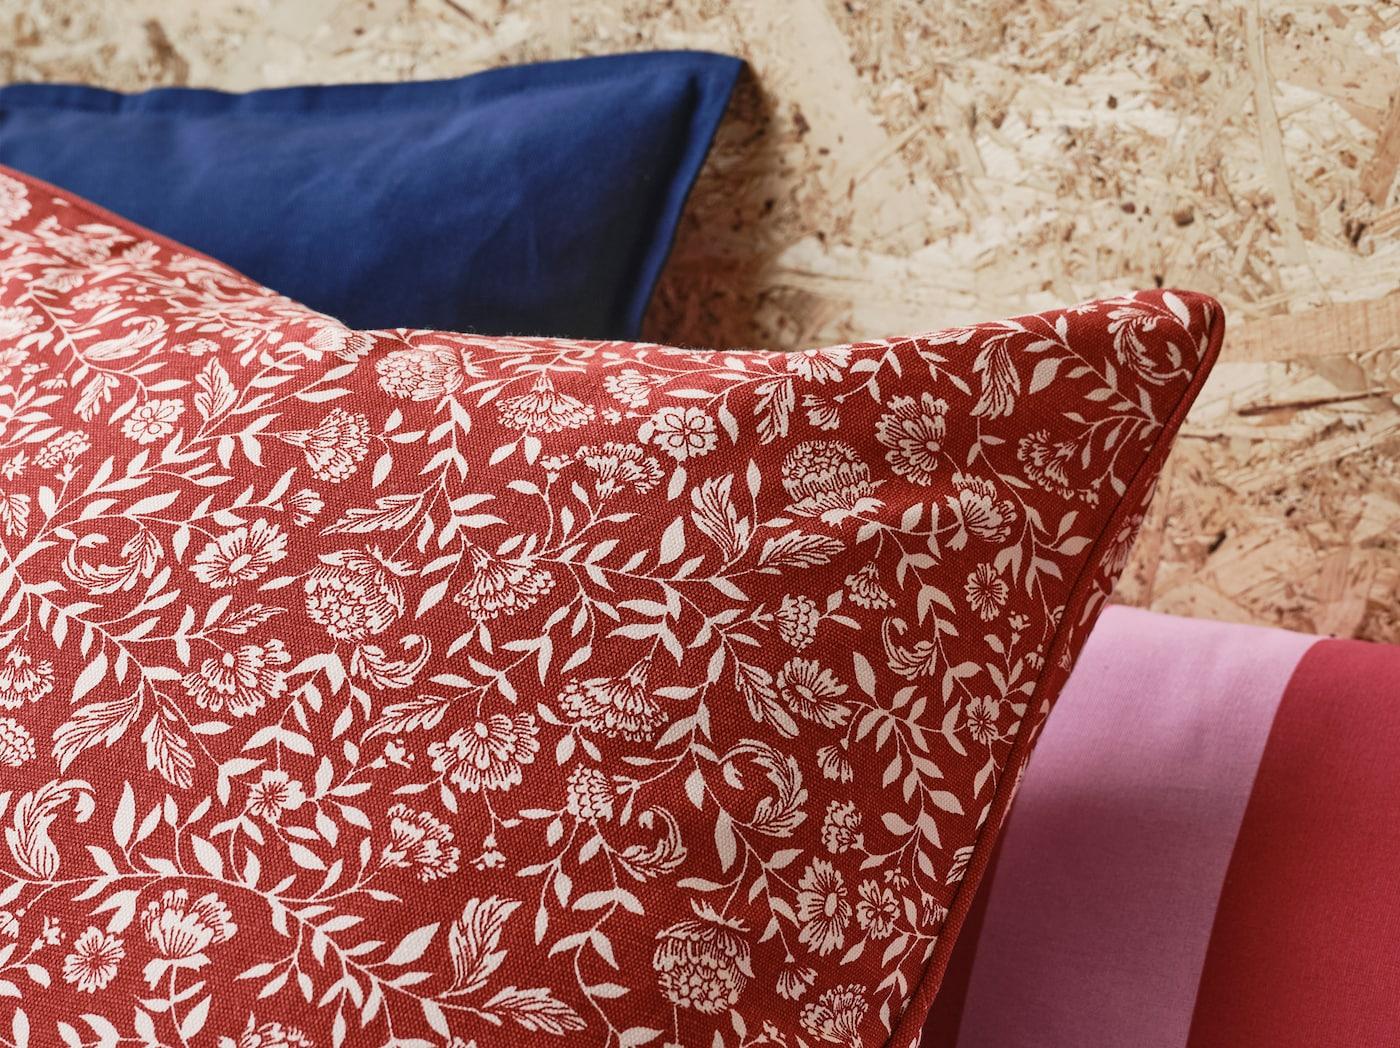 Nahaufnahme des EVALOUISE Kissenbezugs mit traditionell skandinavischem Blütenmuster in Rot und Weiß.